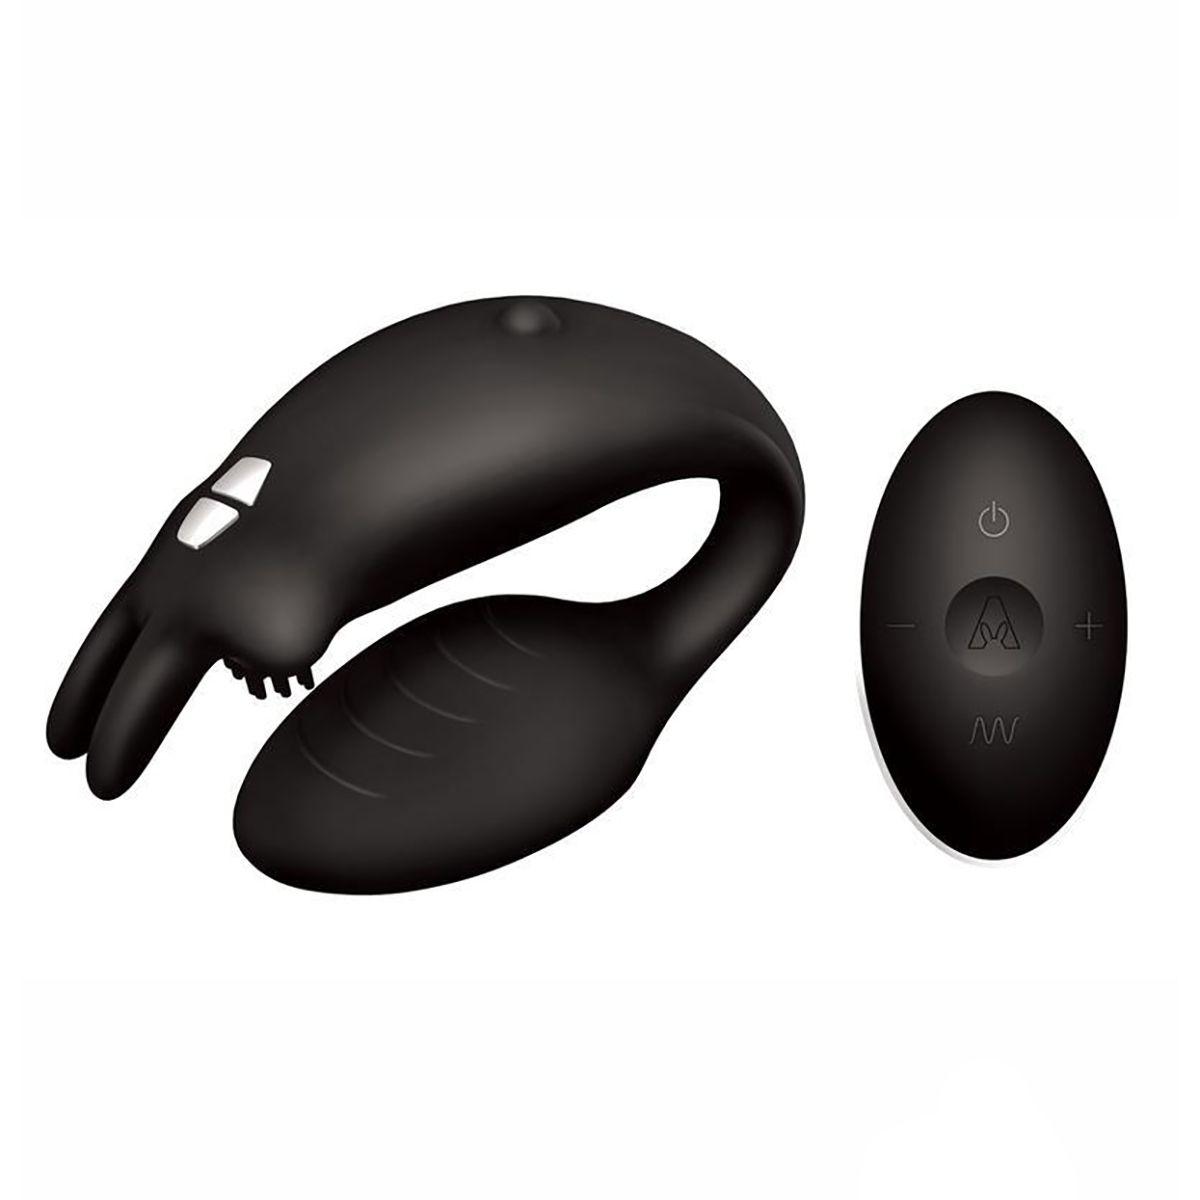 Чёрный вибратор для пар The Couples Rabbit - фото 172930